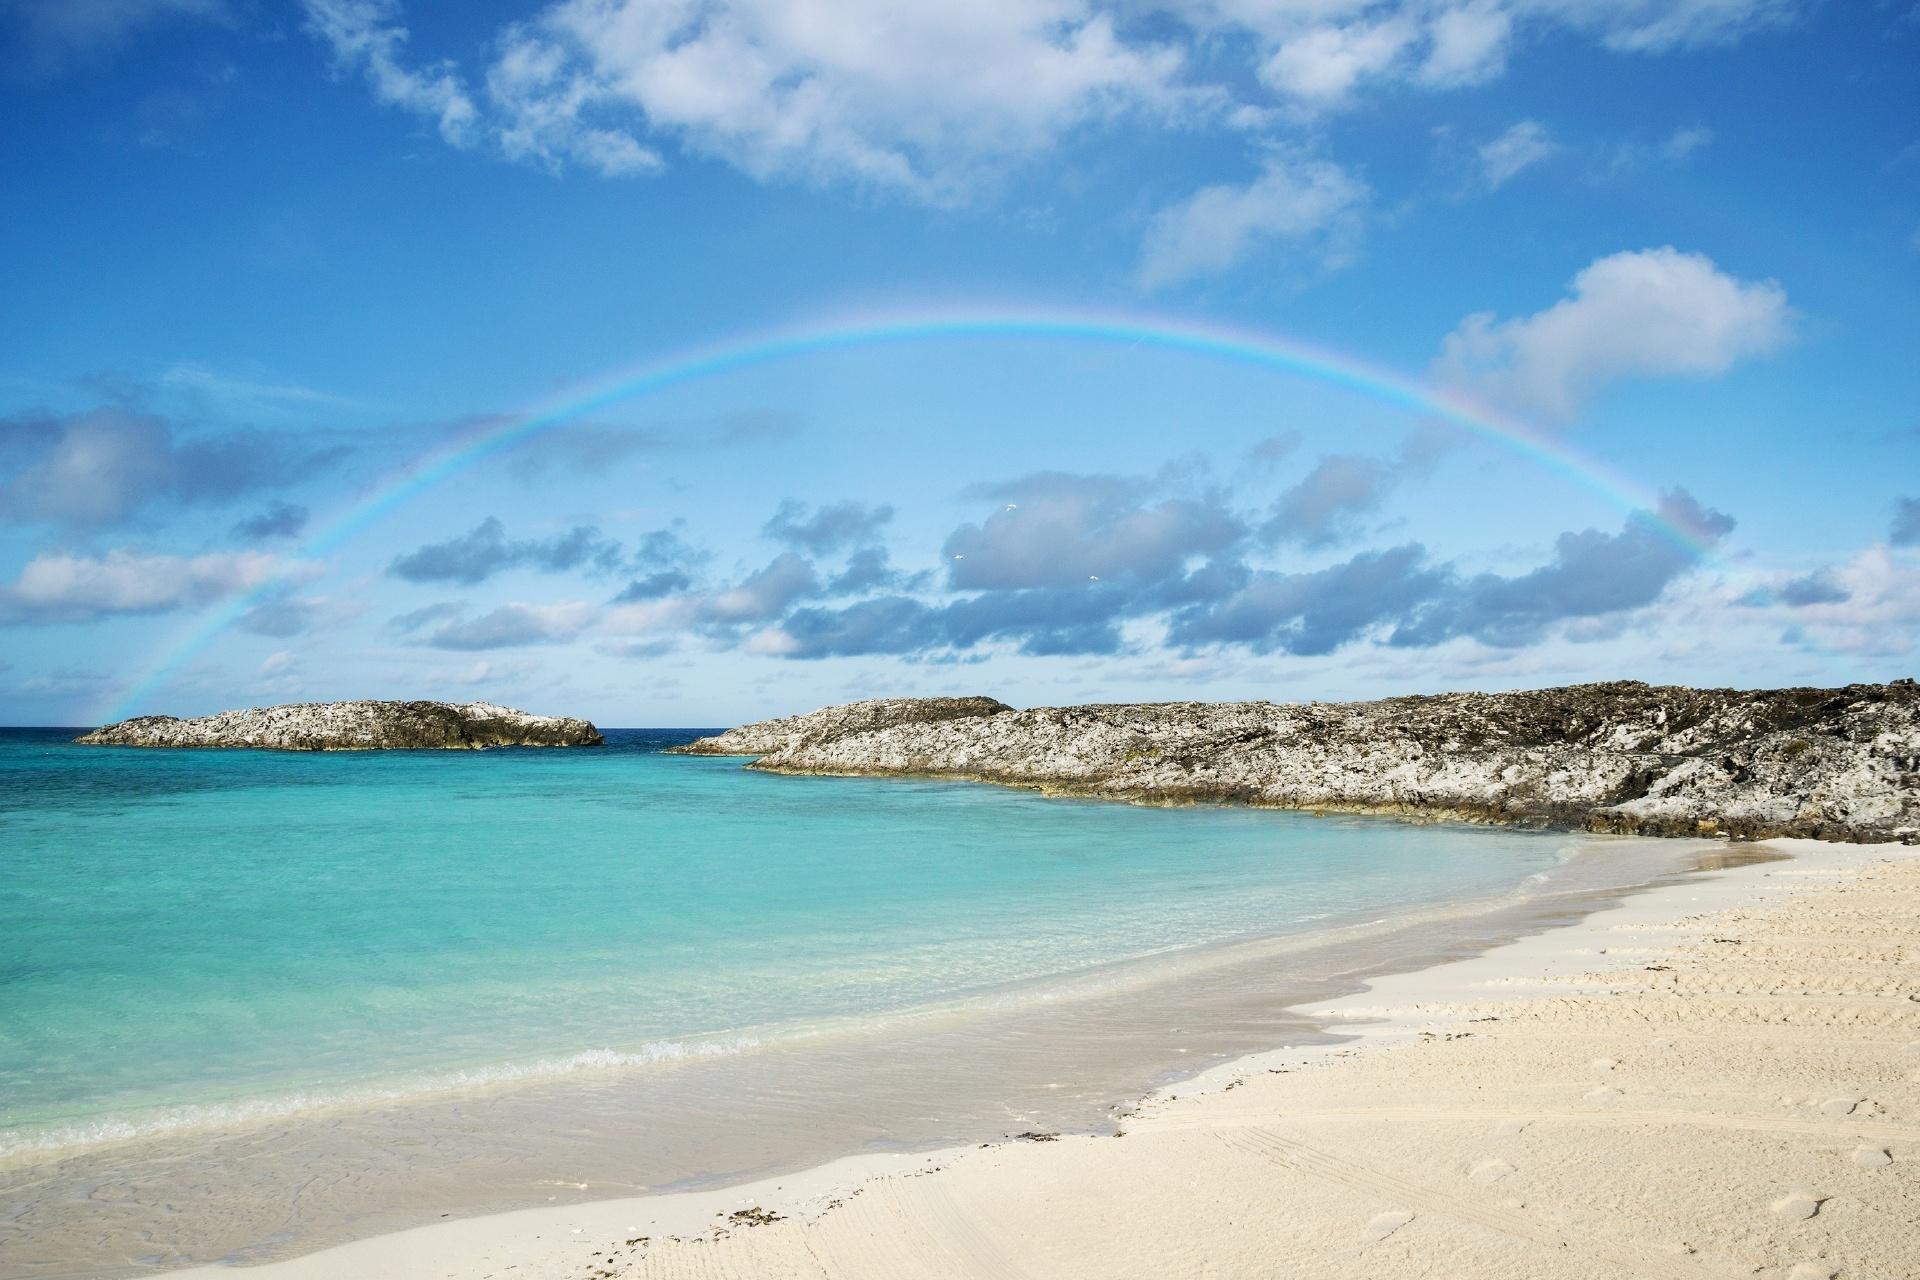 バハマ ビーチと虹の風景